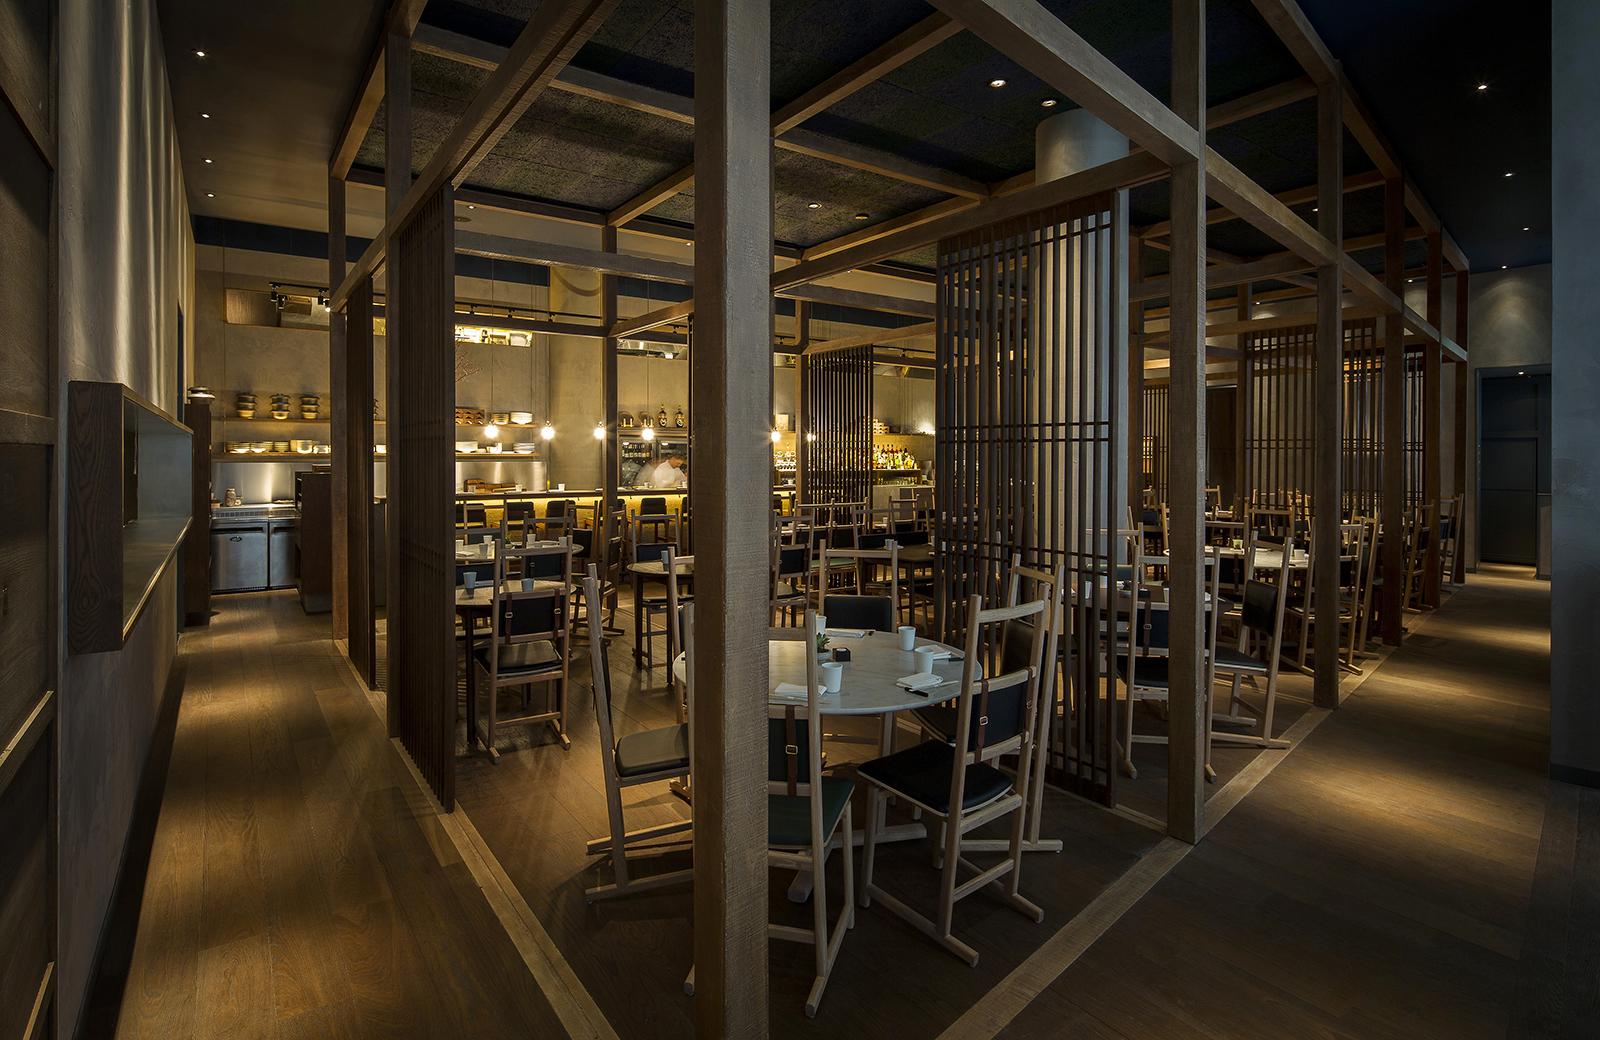 Far East Bar And Restaurant